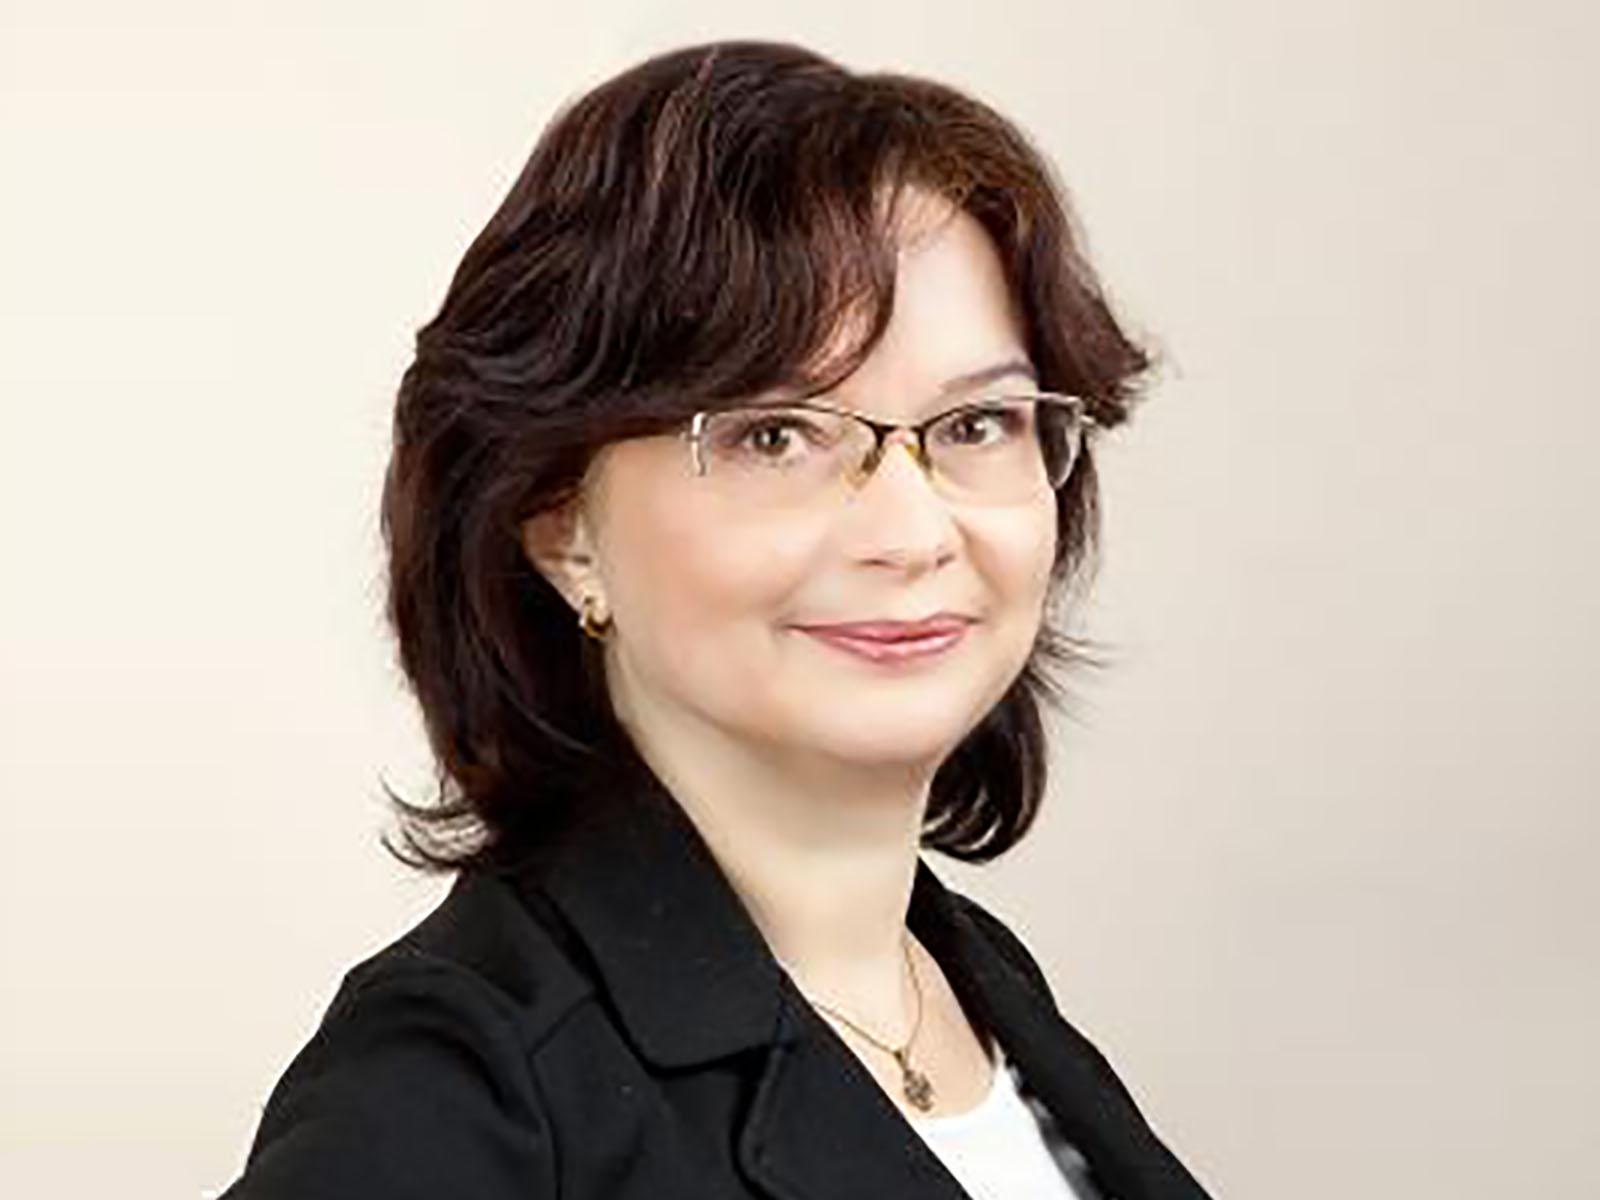 Елена Кисель, партнер ШАГ Консалтинг, руководитель направления «Подбор персонала»